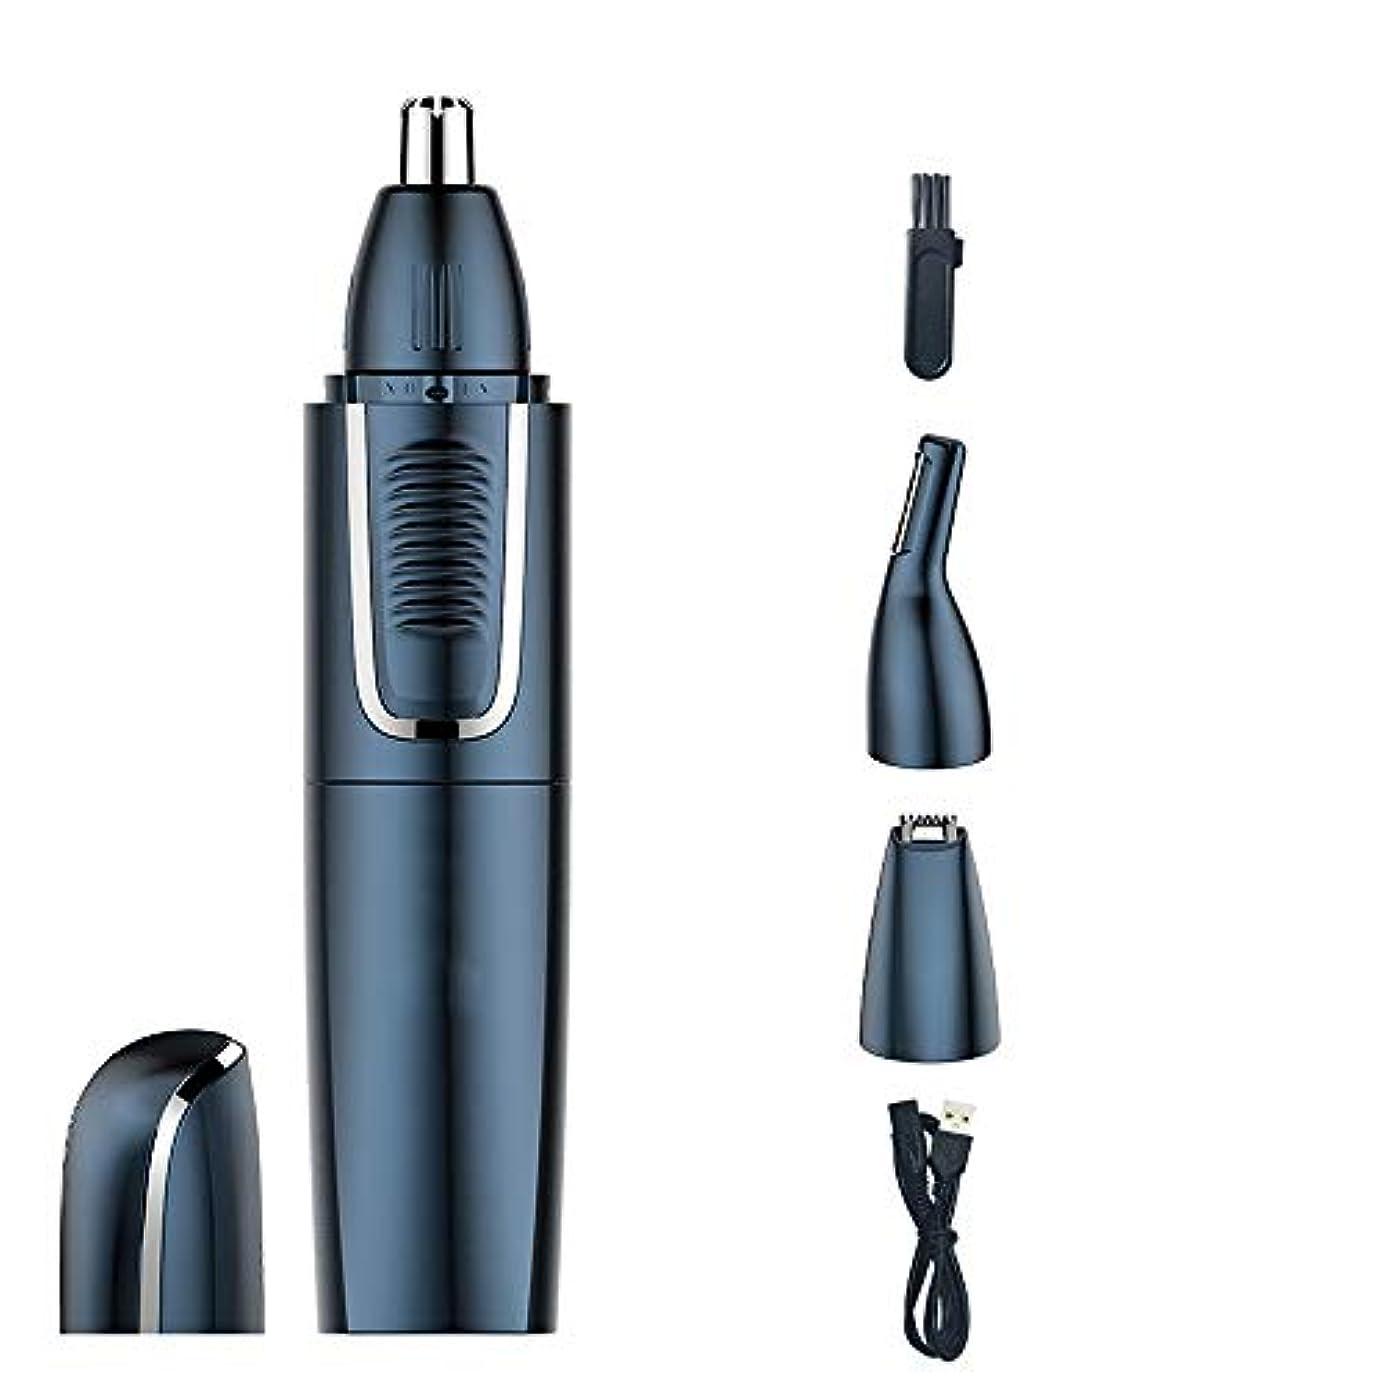 不毛モジュール変な鼻毛トリマー-安全マニュアルステンレススチールメンズラウンドヘッドハサミ/多機能鼻毛トリマー/ 360°垂直ネットカッターヘッド/高さ135mm 作り方がすぐれている